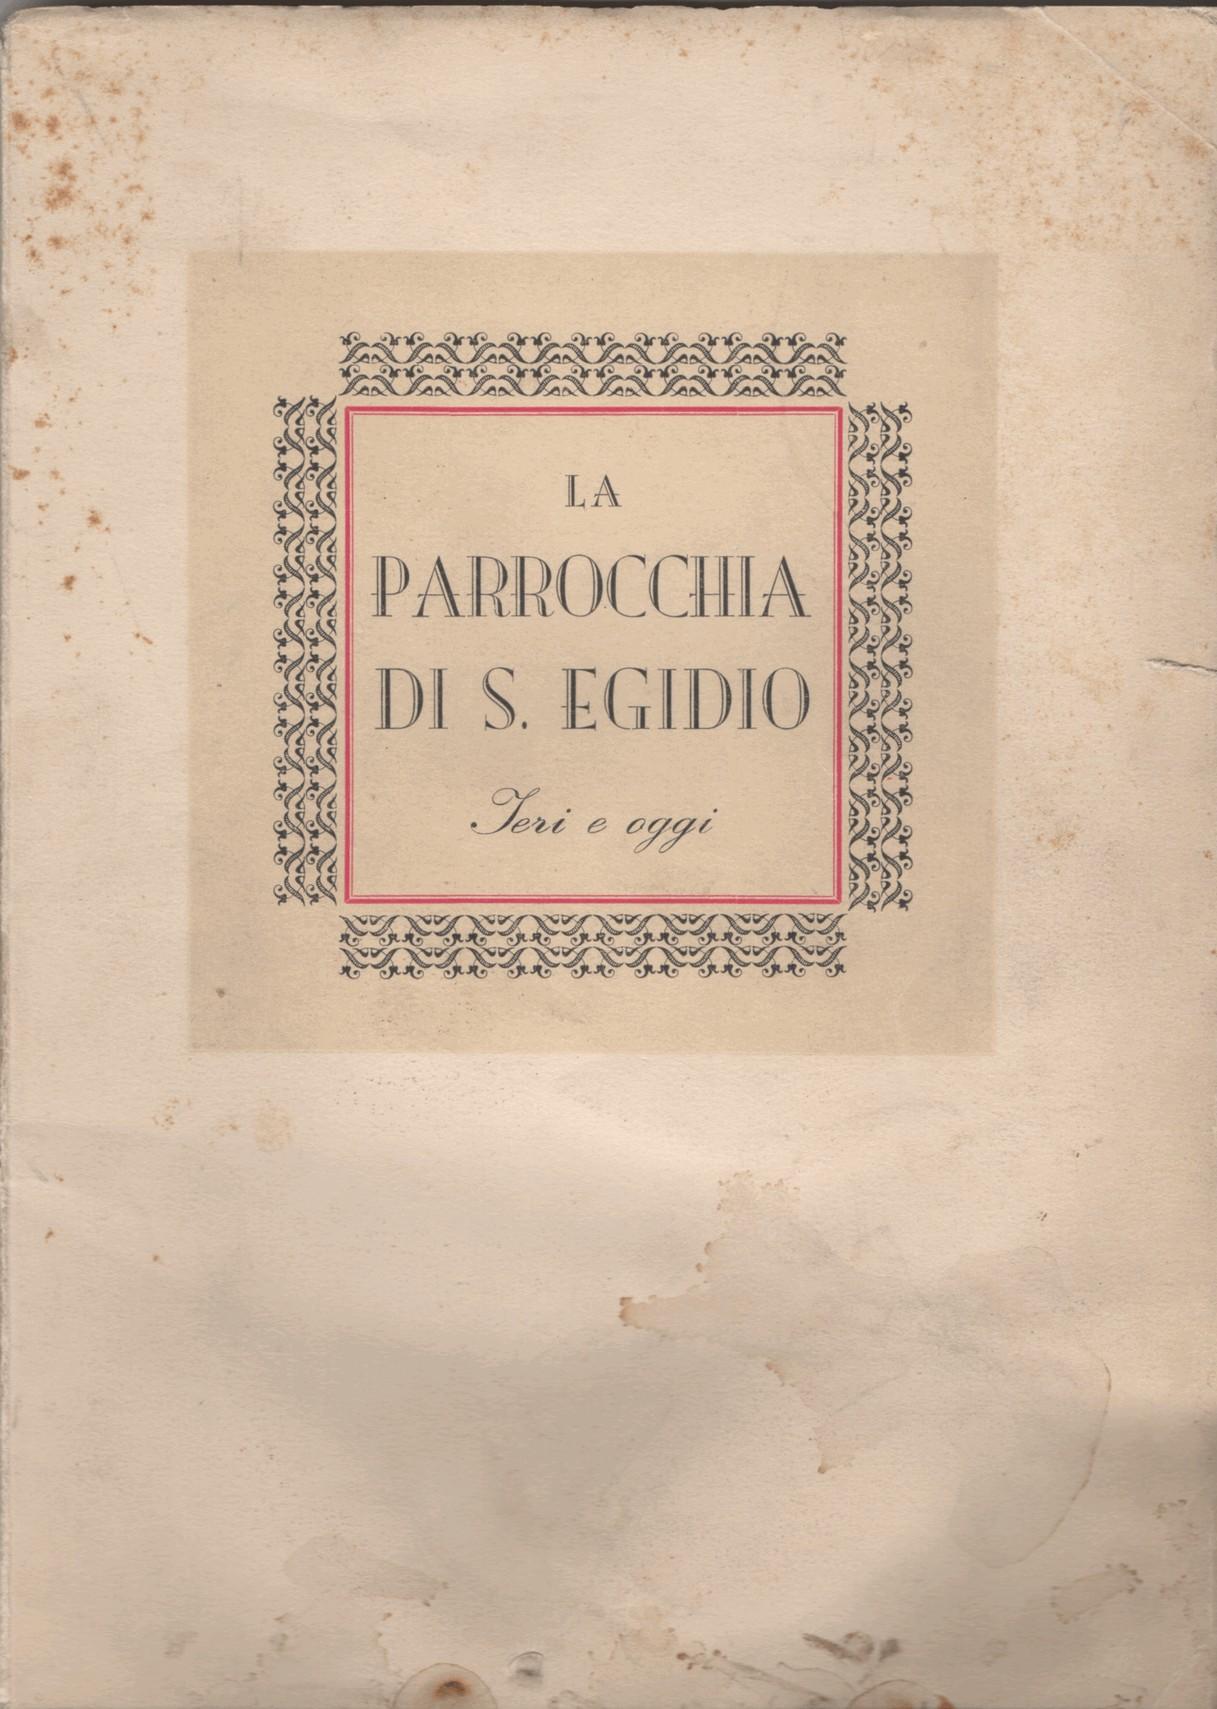 La parrocchia di S. Egidio ieri e oggi